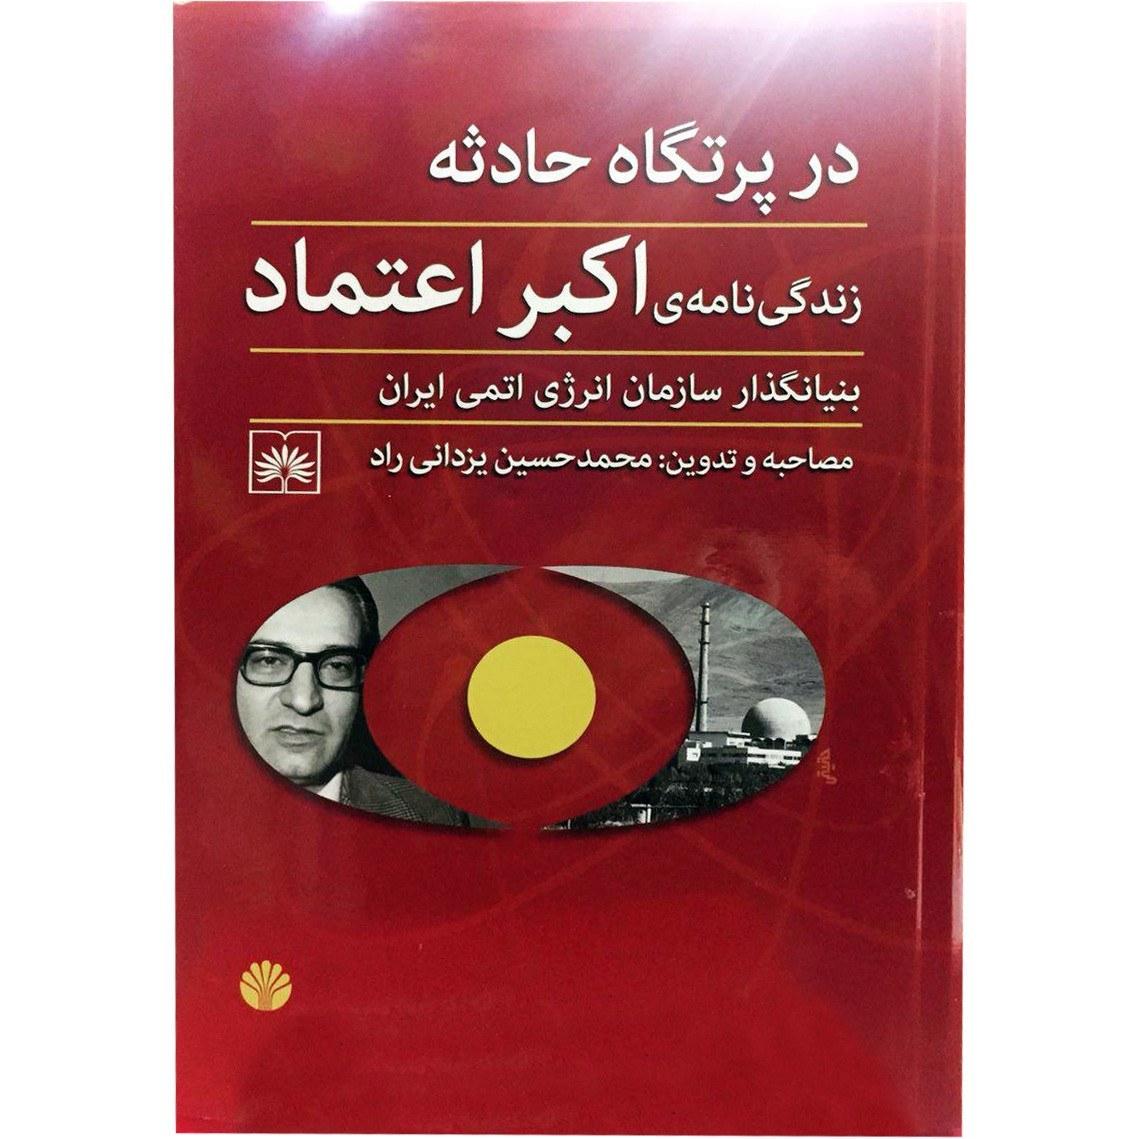 کتاب در پرتگاه حادثه اثر محمدحسین یزدانیراد